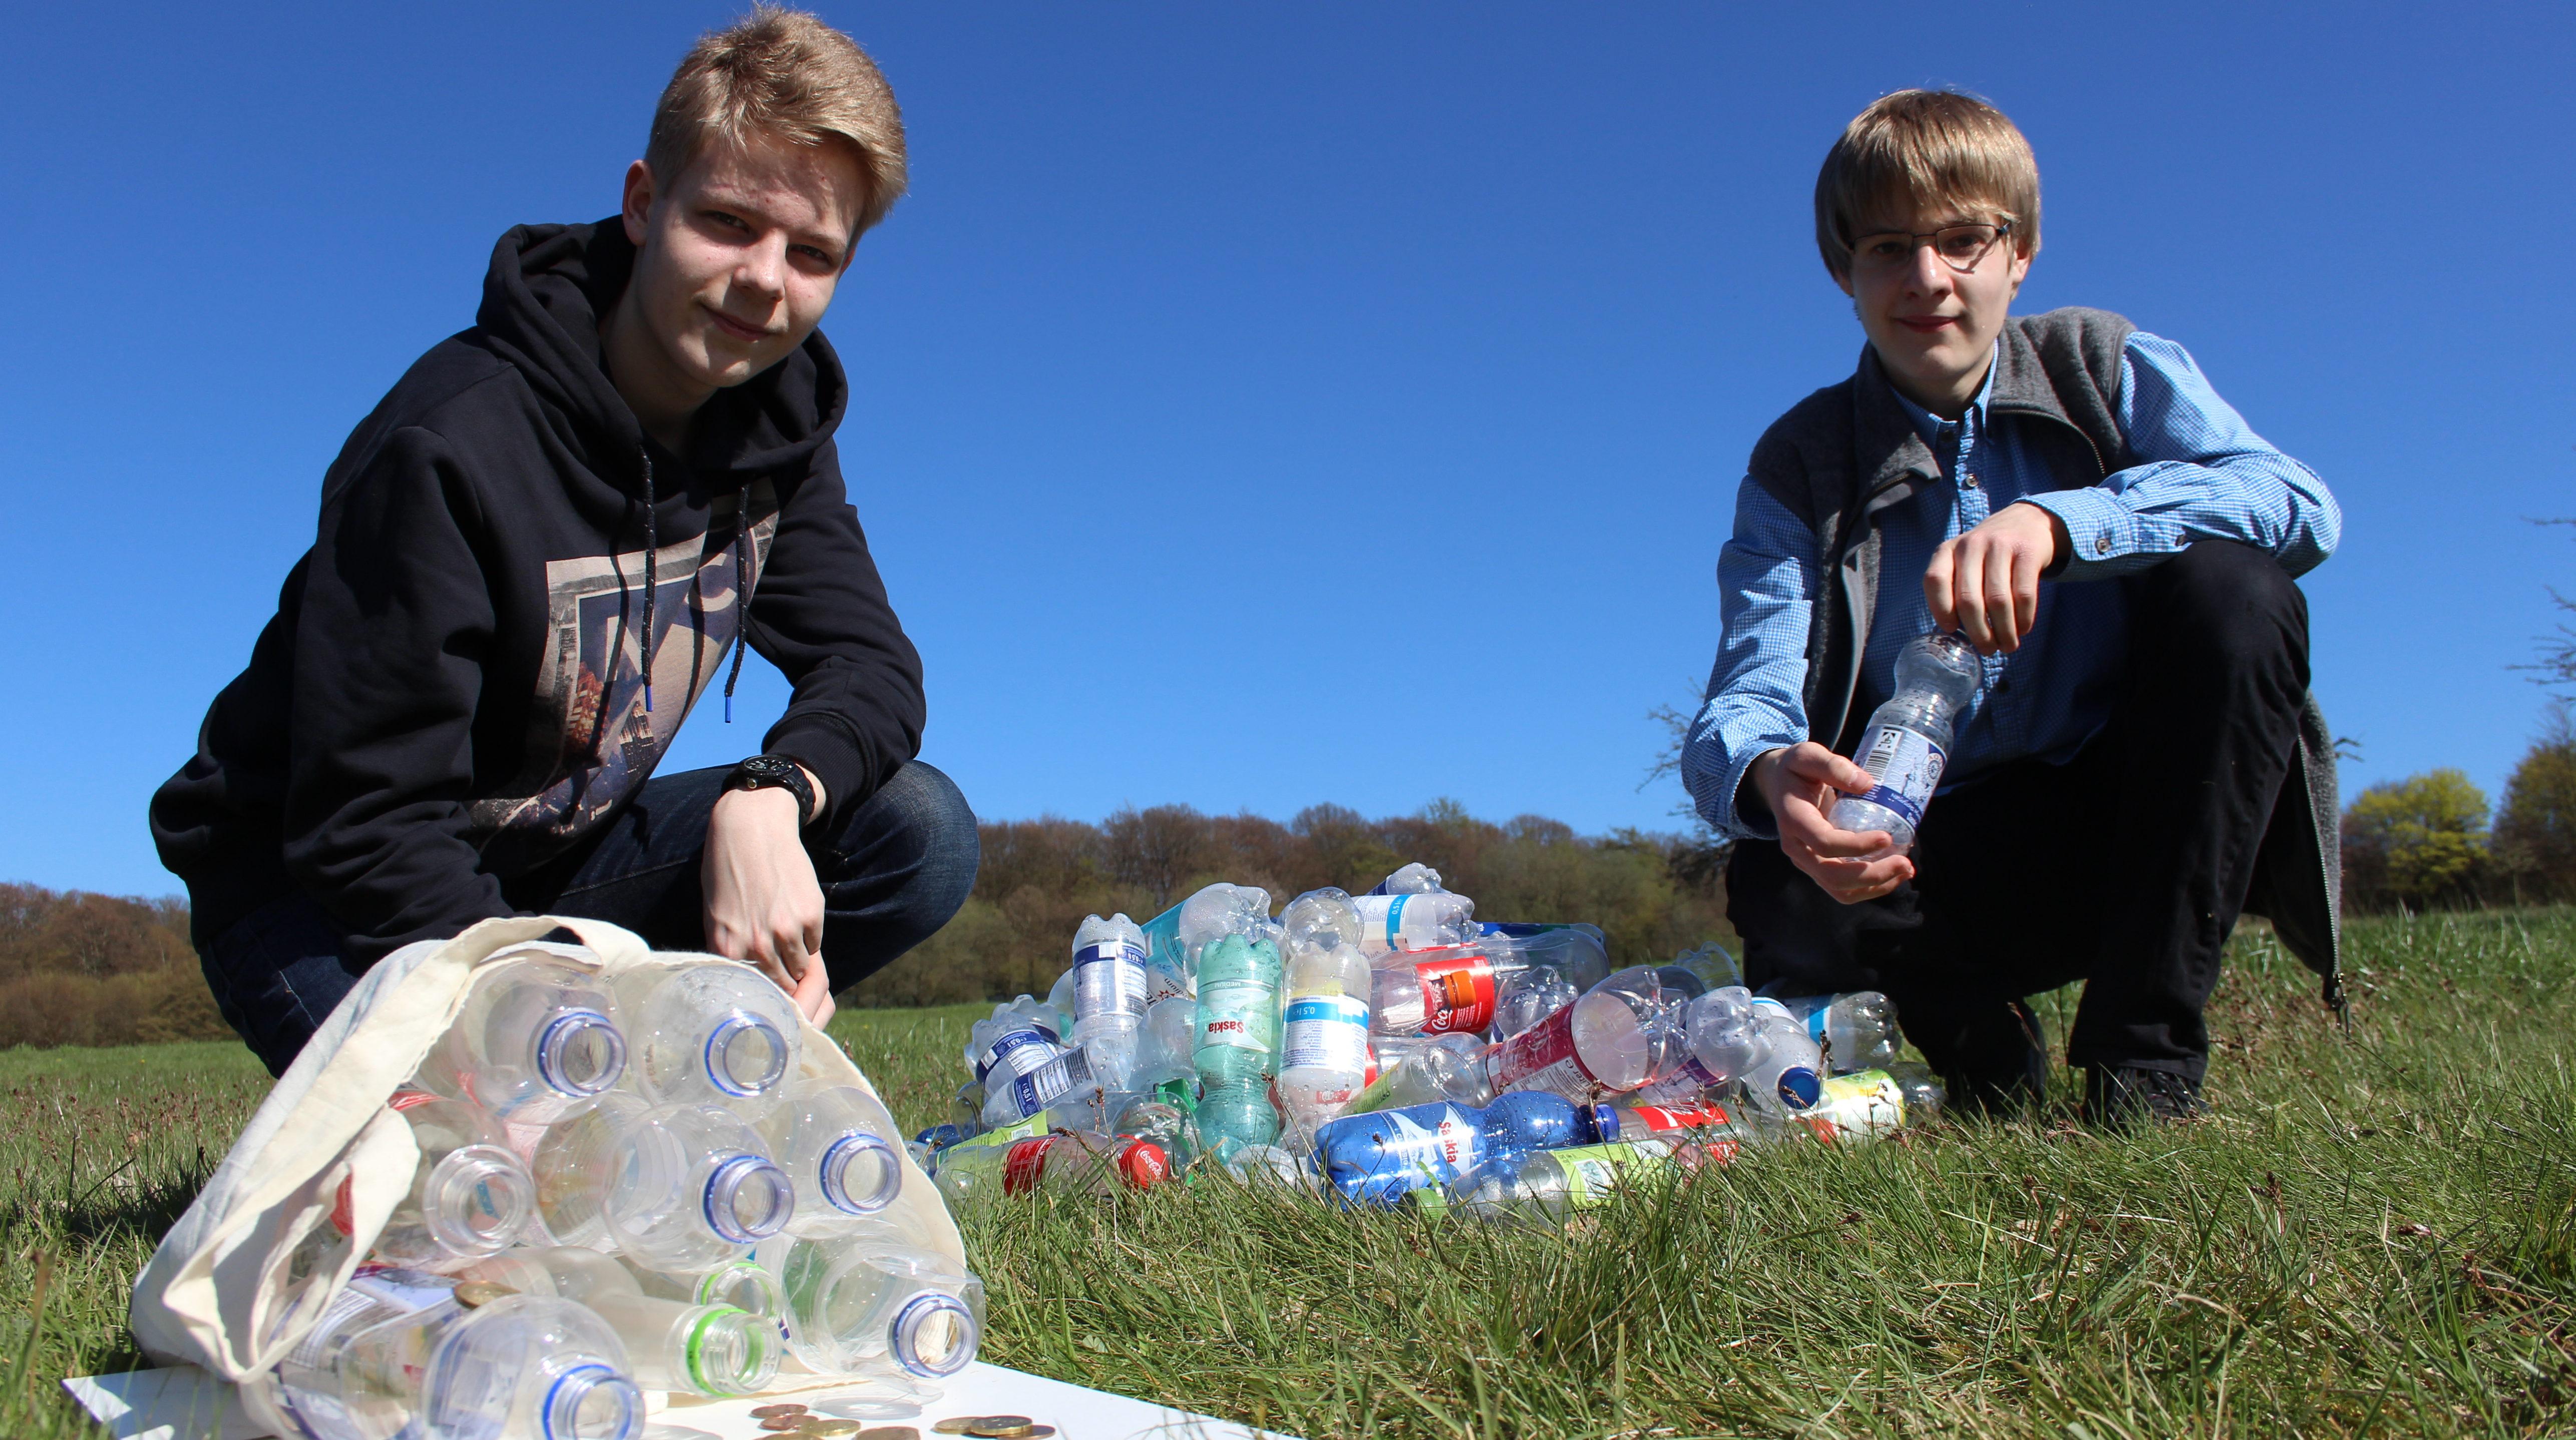 Aaron (rechts) und Lennard mit Pfandflaschen. (Quelle: privat)